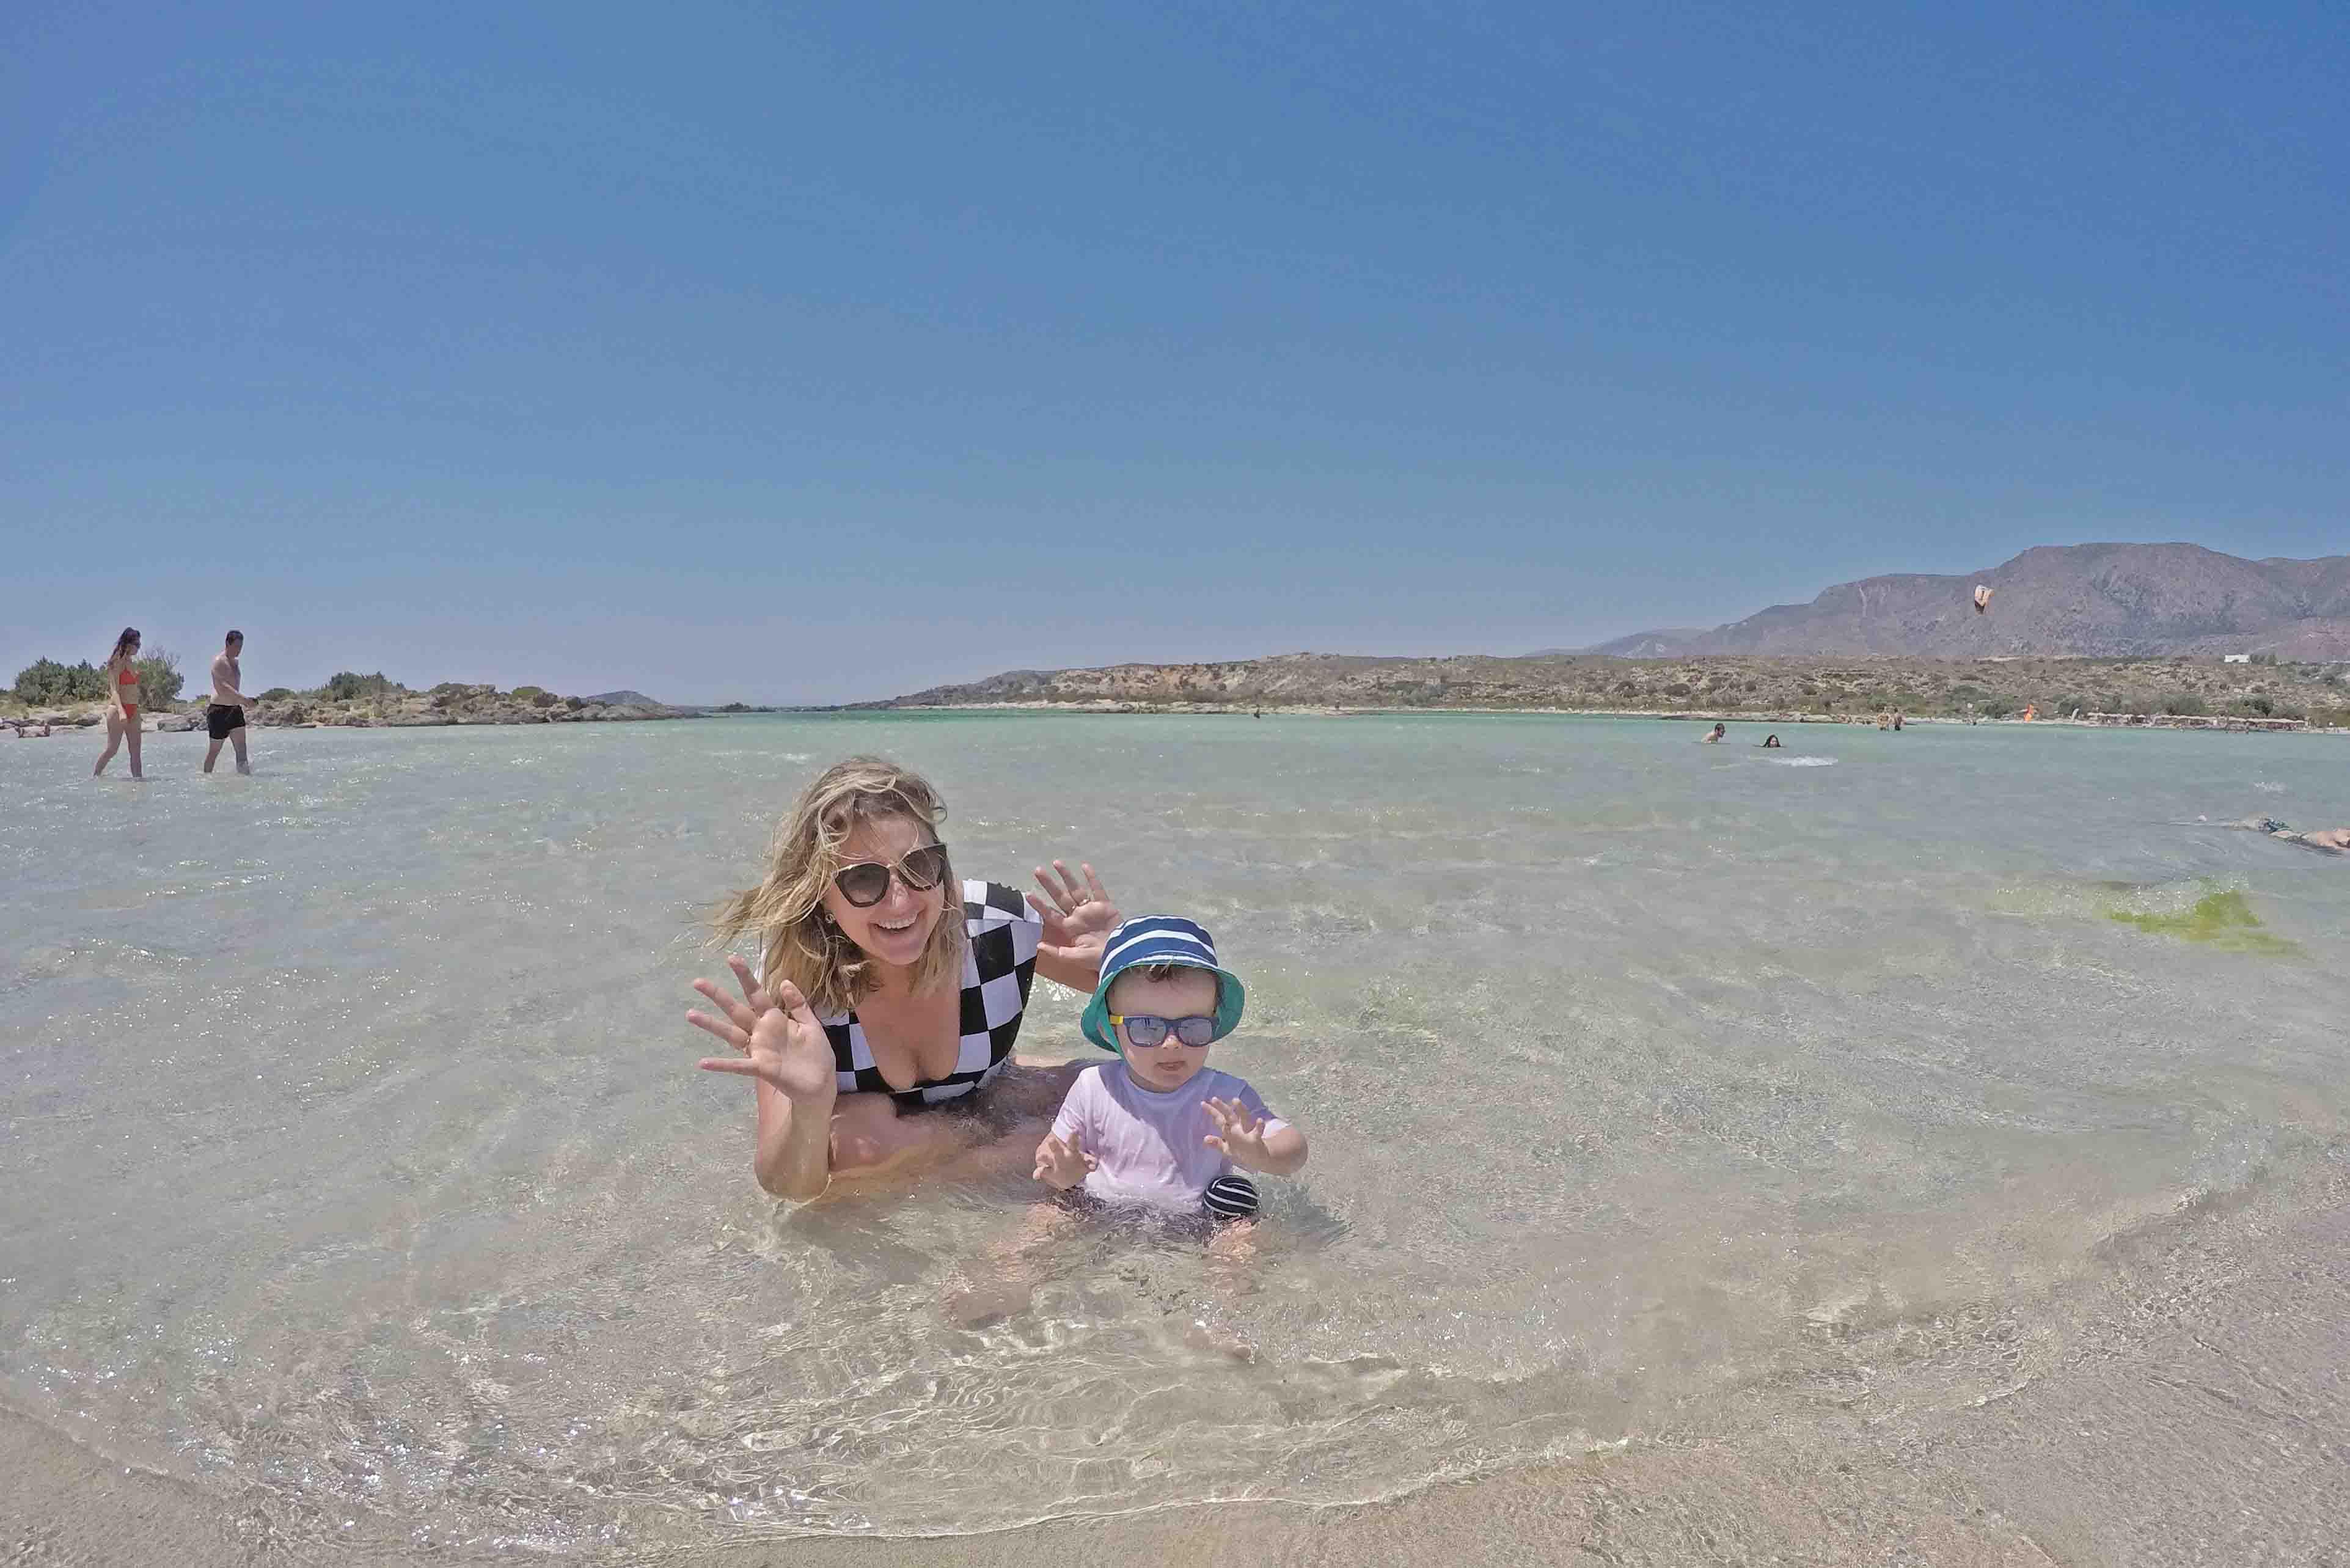 Destinos para viajar com bebê - Grécia - ilha de Creta